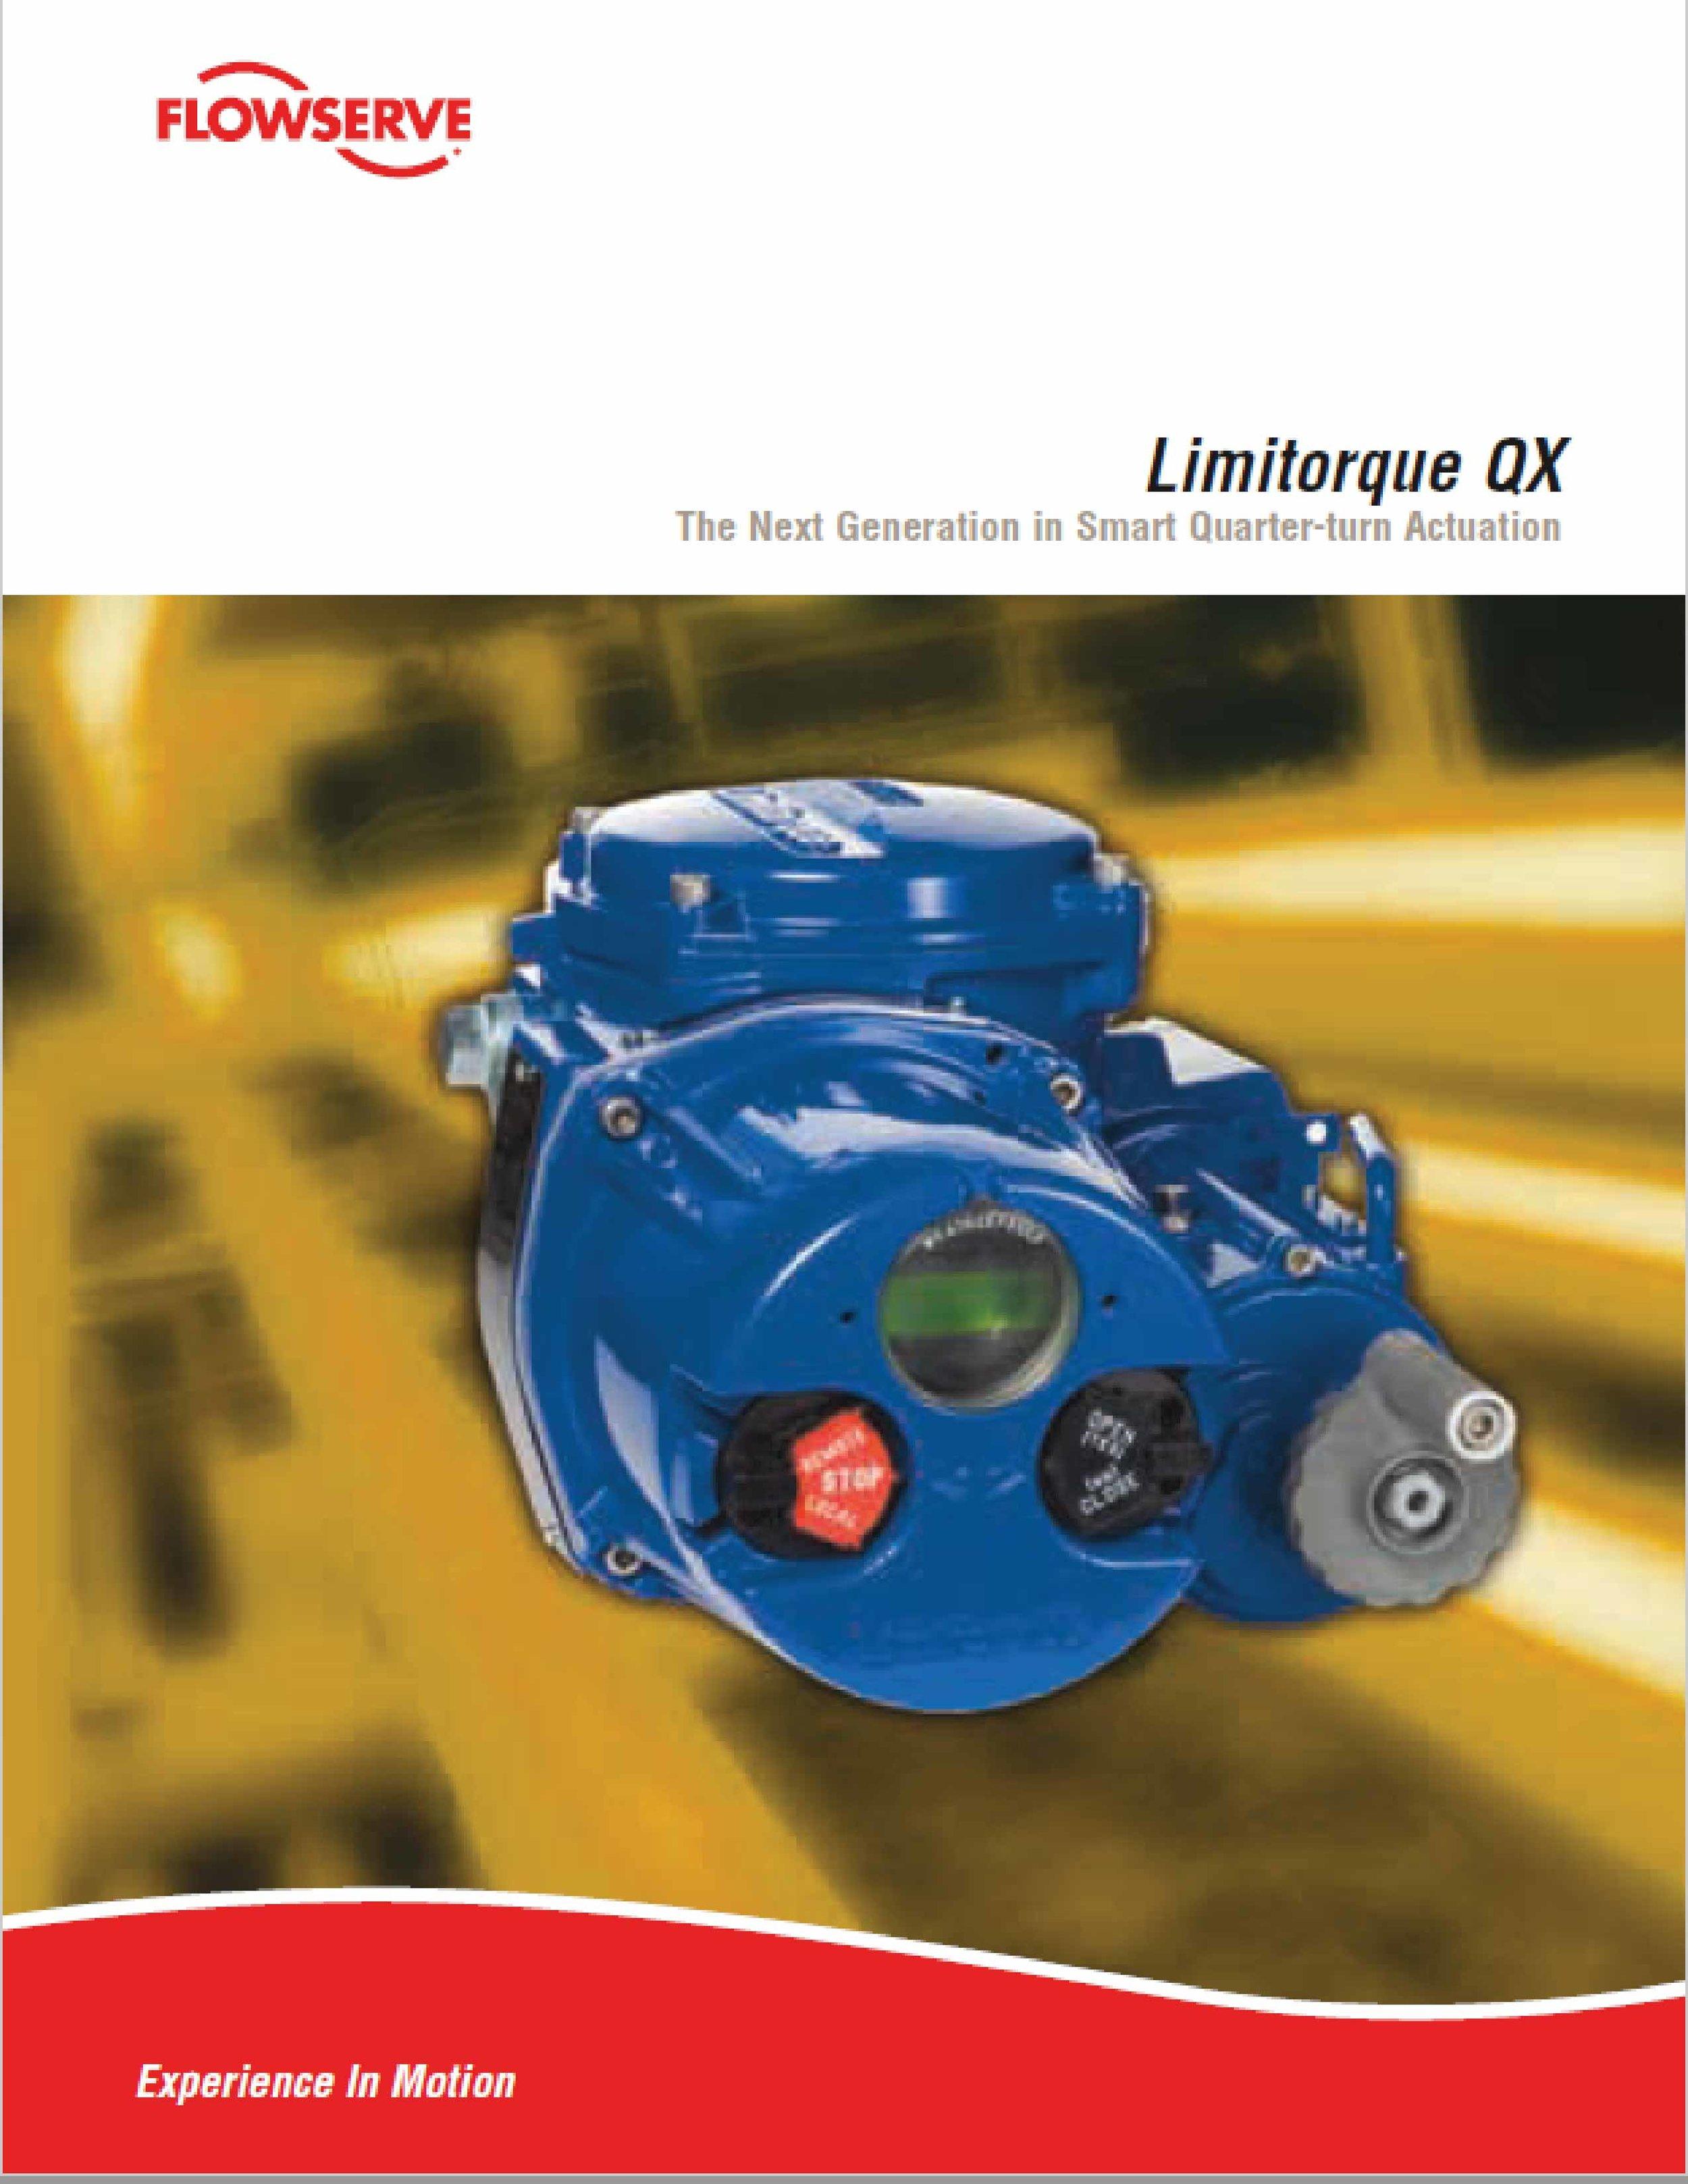 Limitorque_QX-brochure-01.jpg